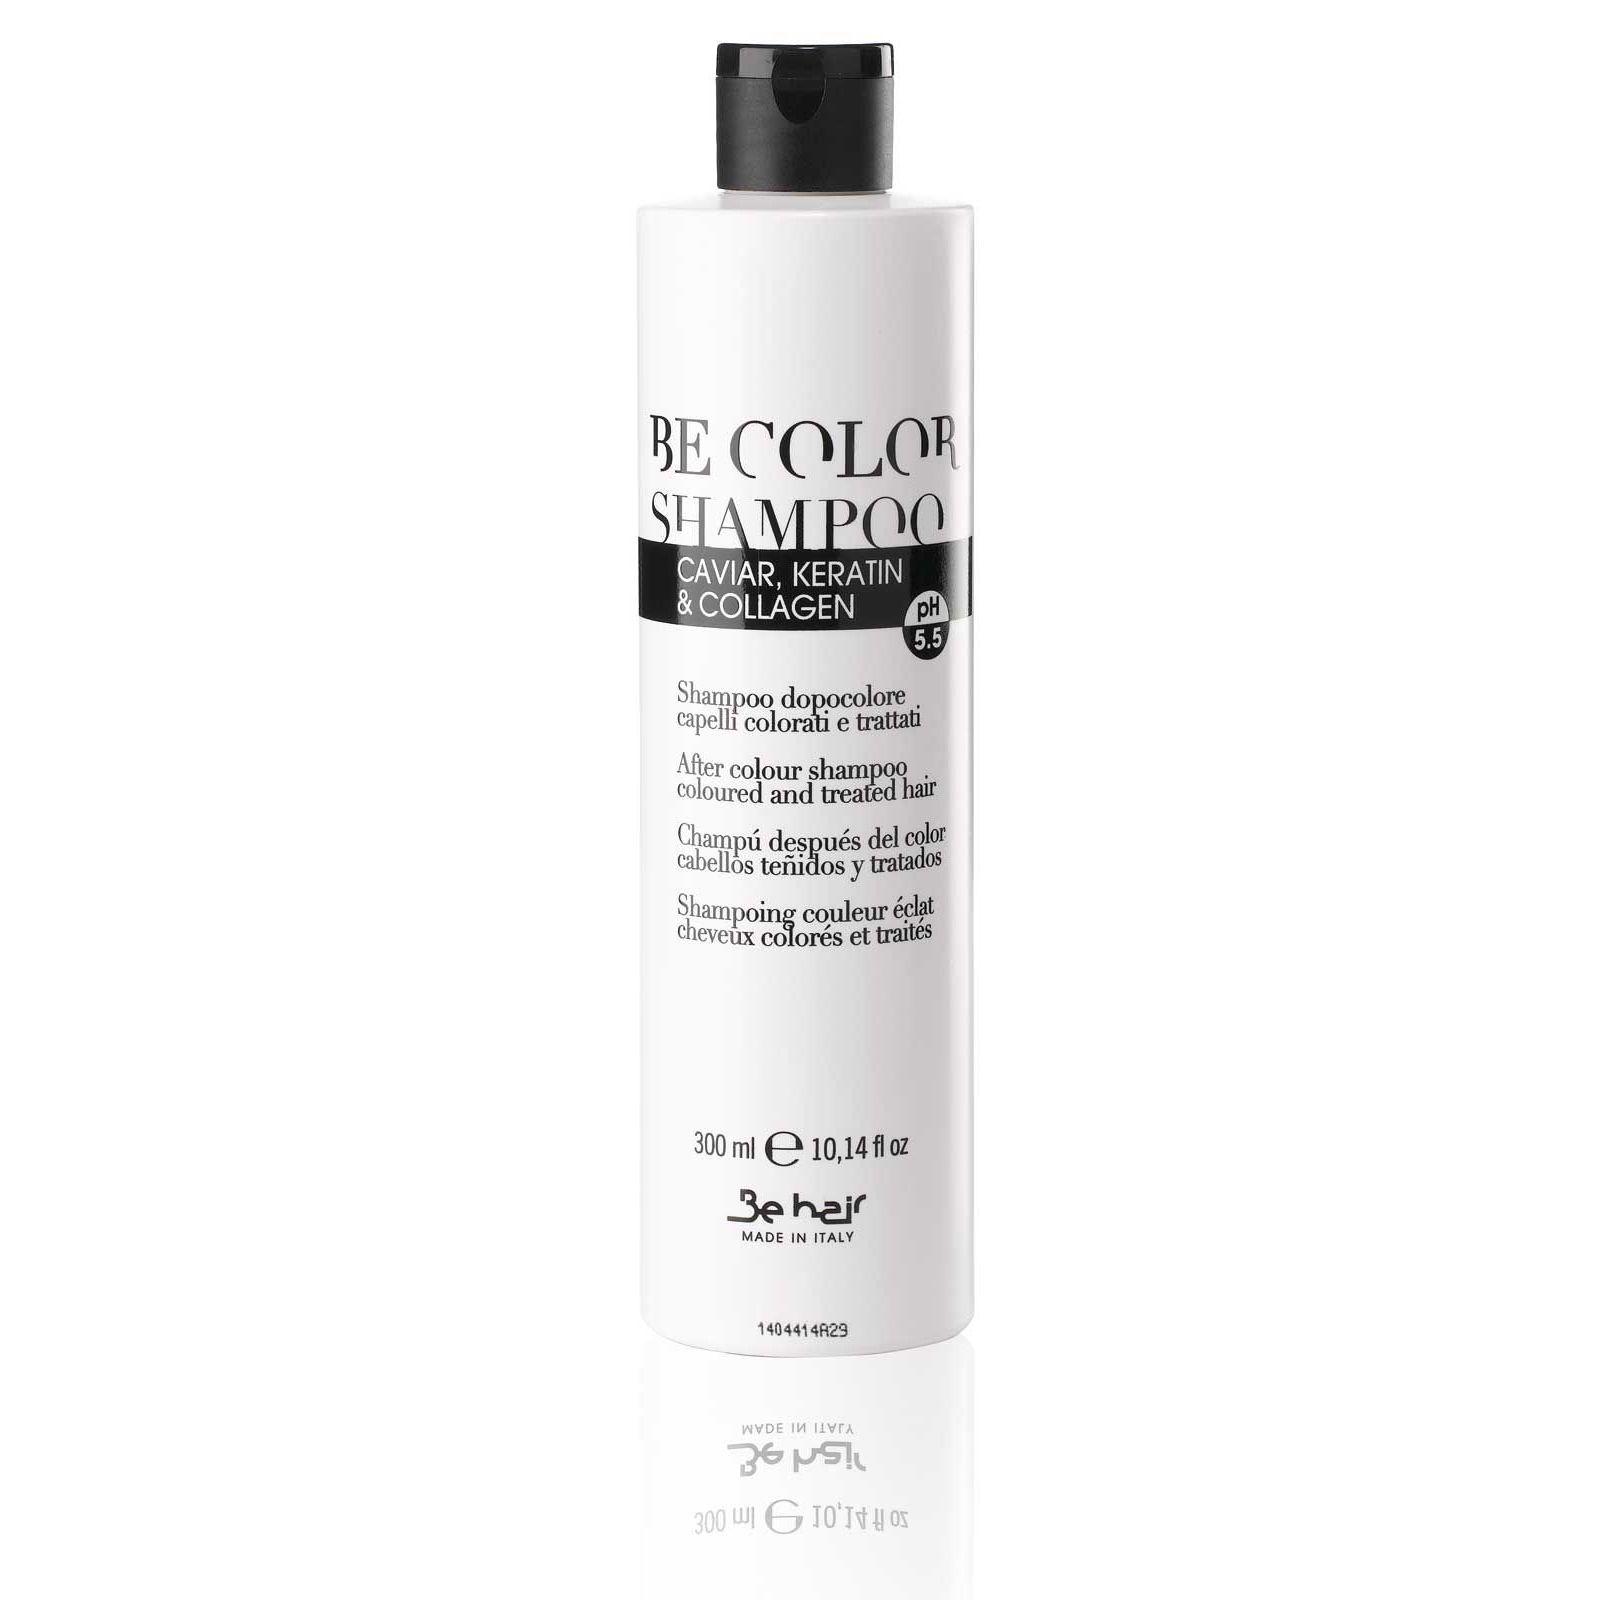 BE-COLOR-shampoo-dopocolore-capelli-colorati-e-trattati-300ml